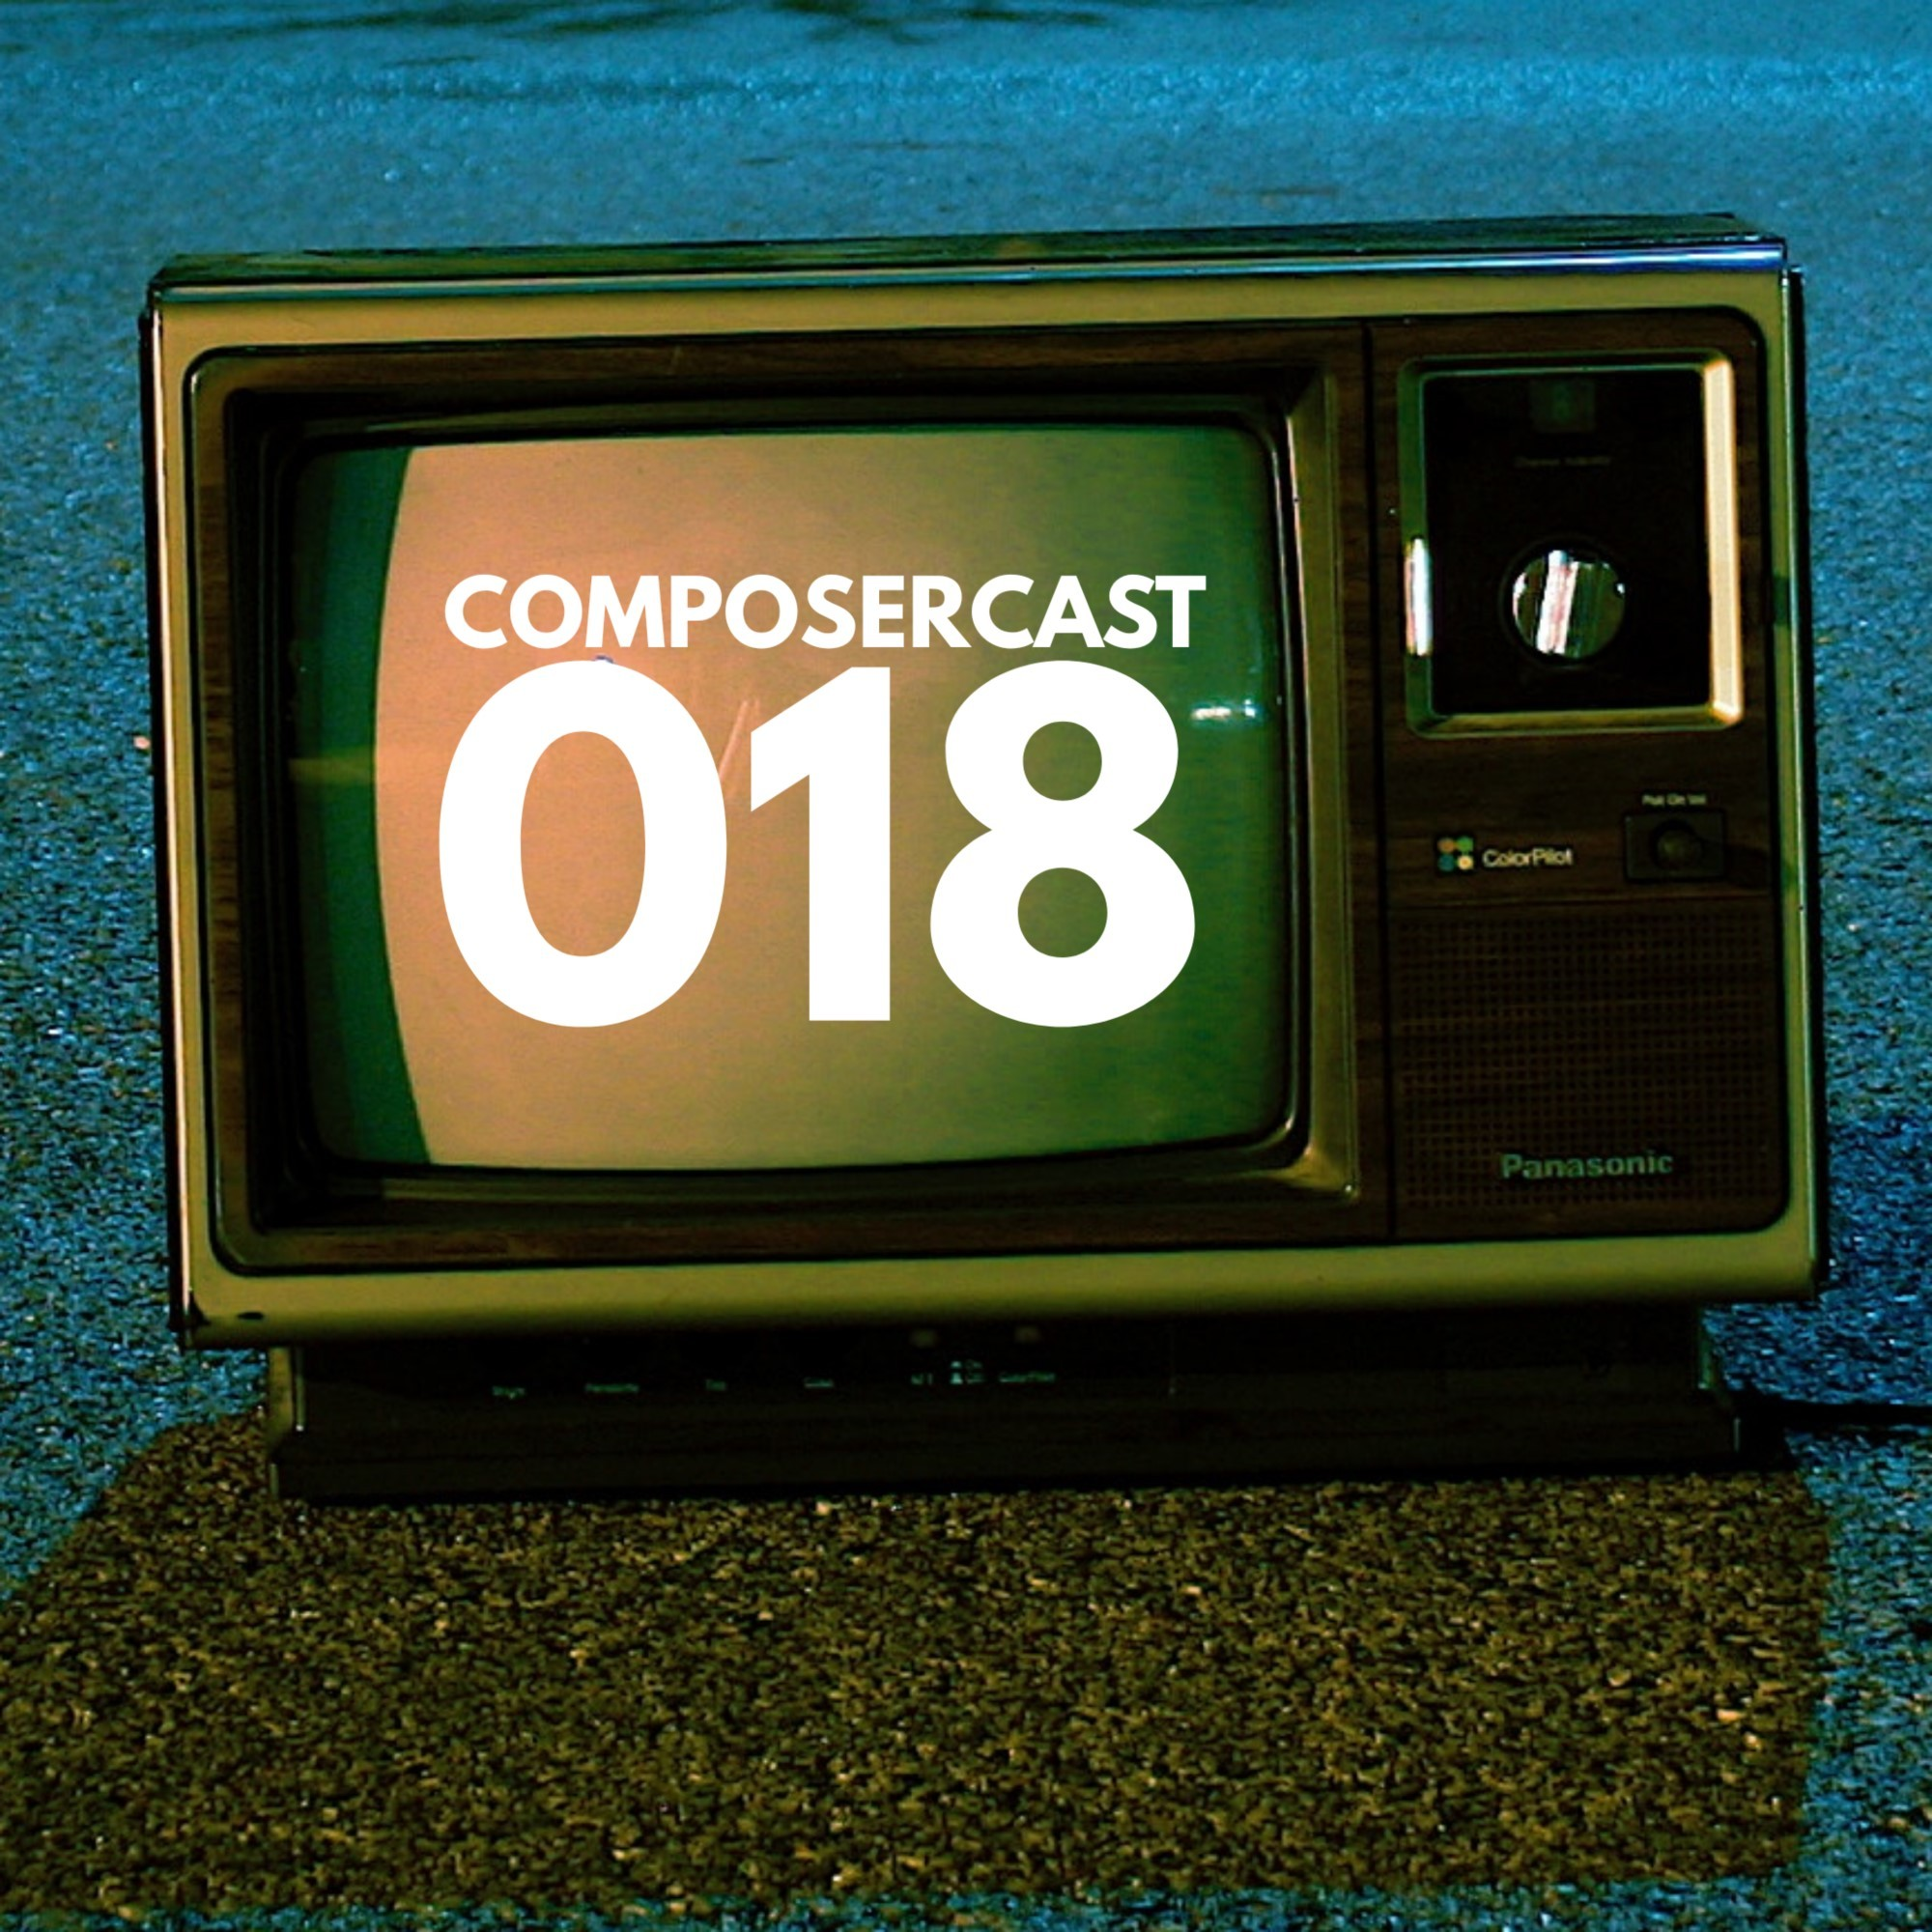 composercast018-small